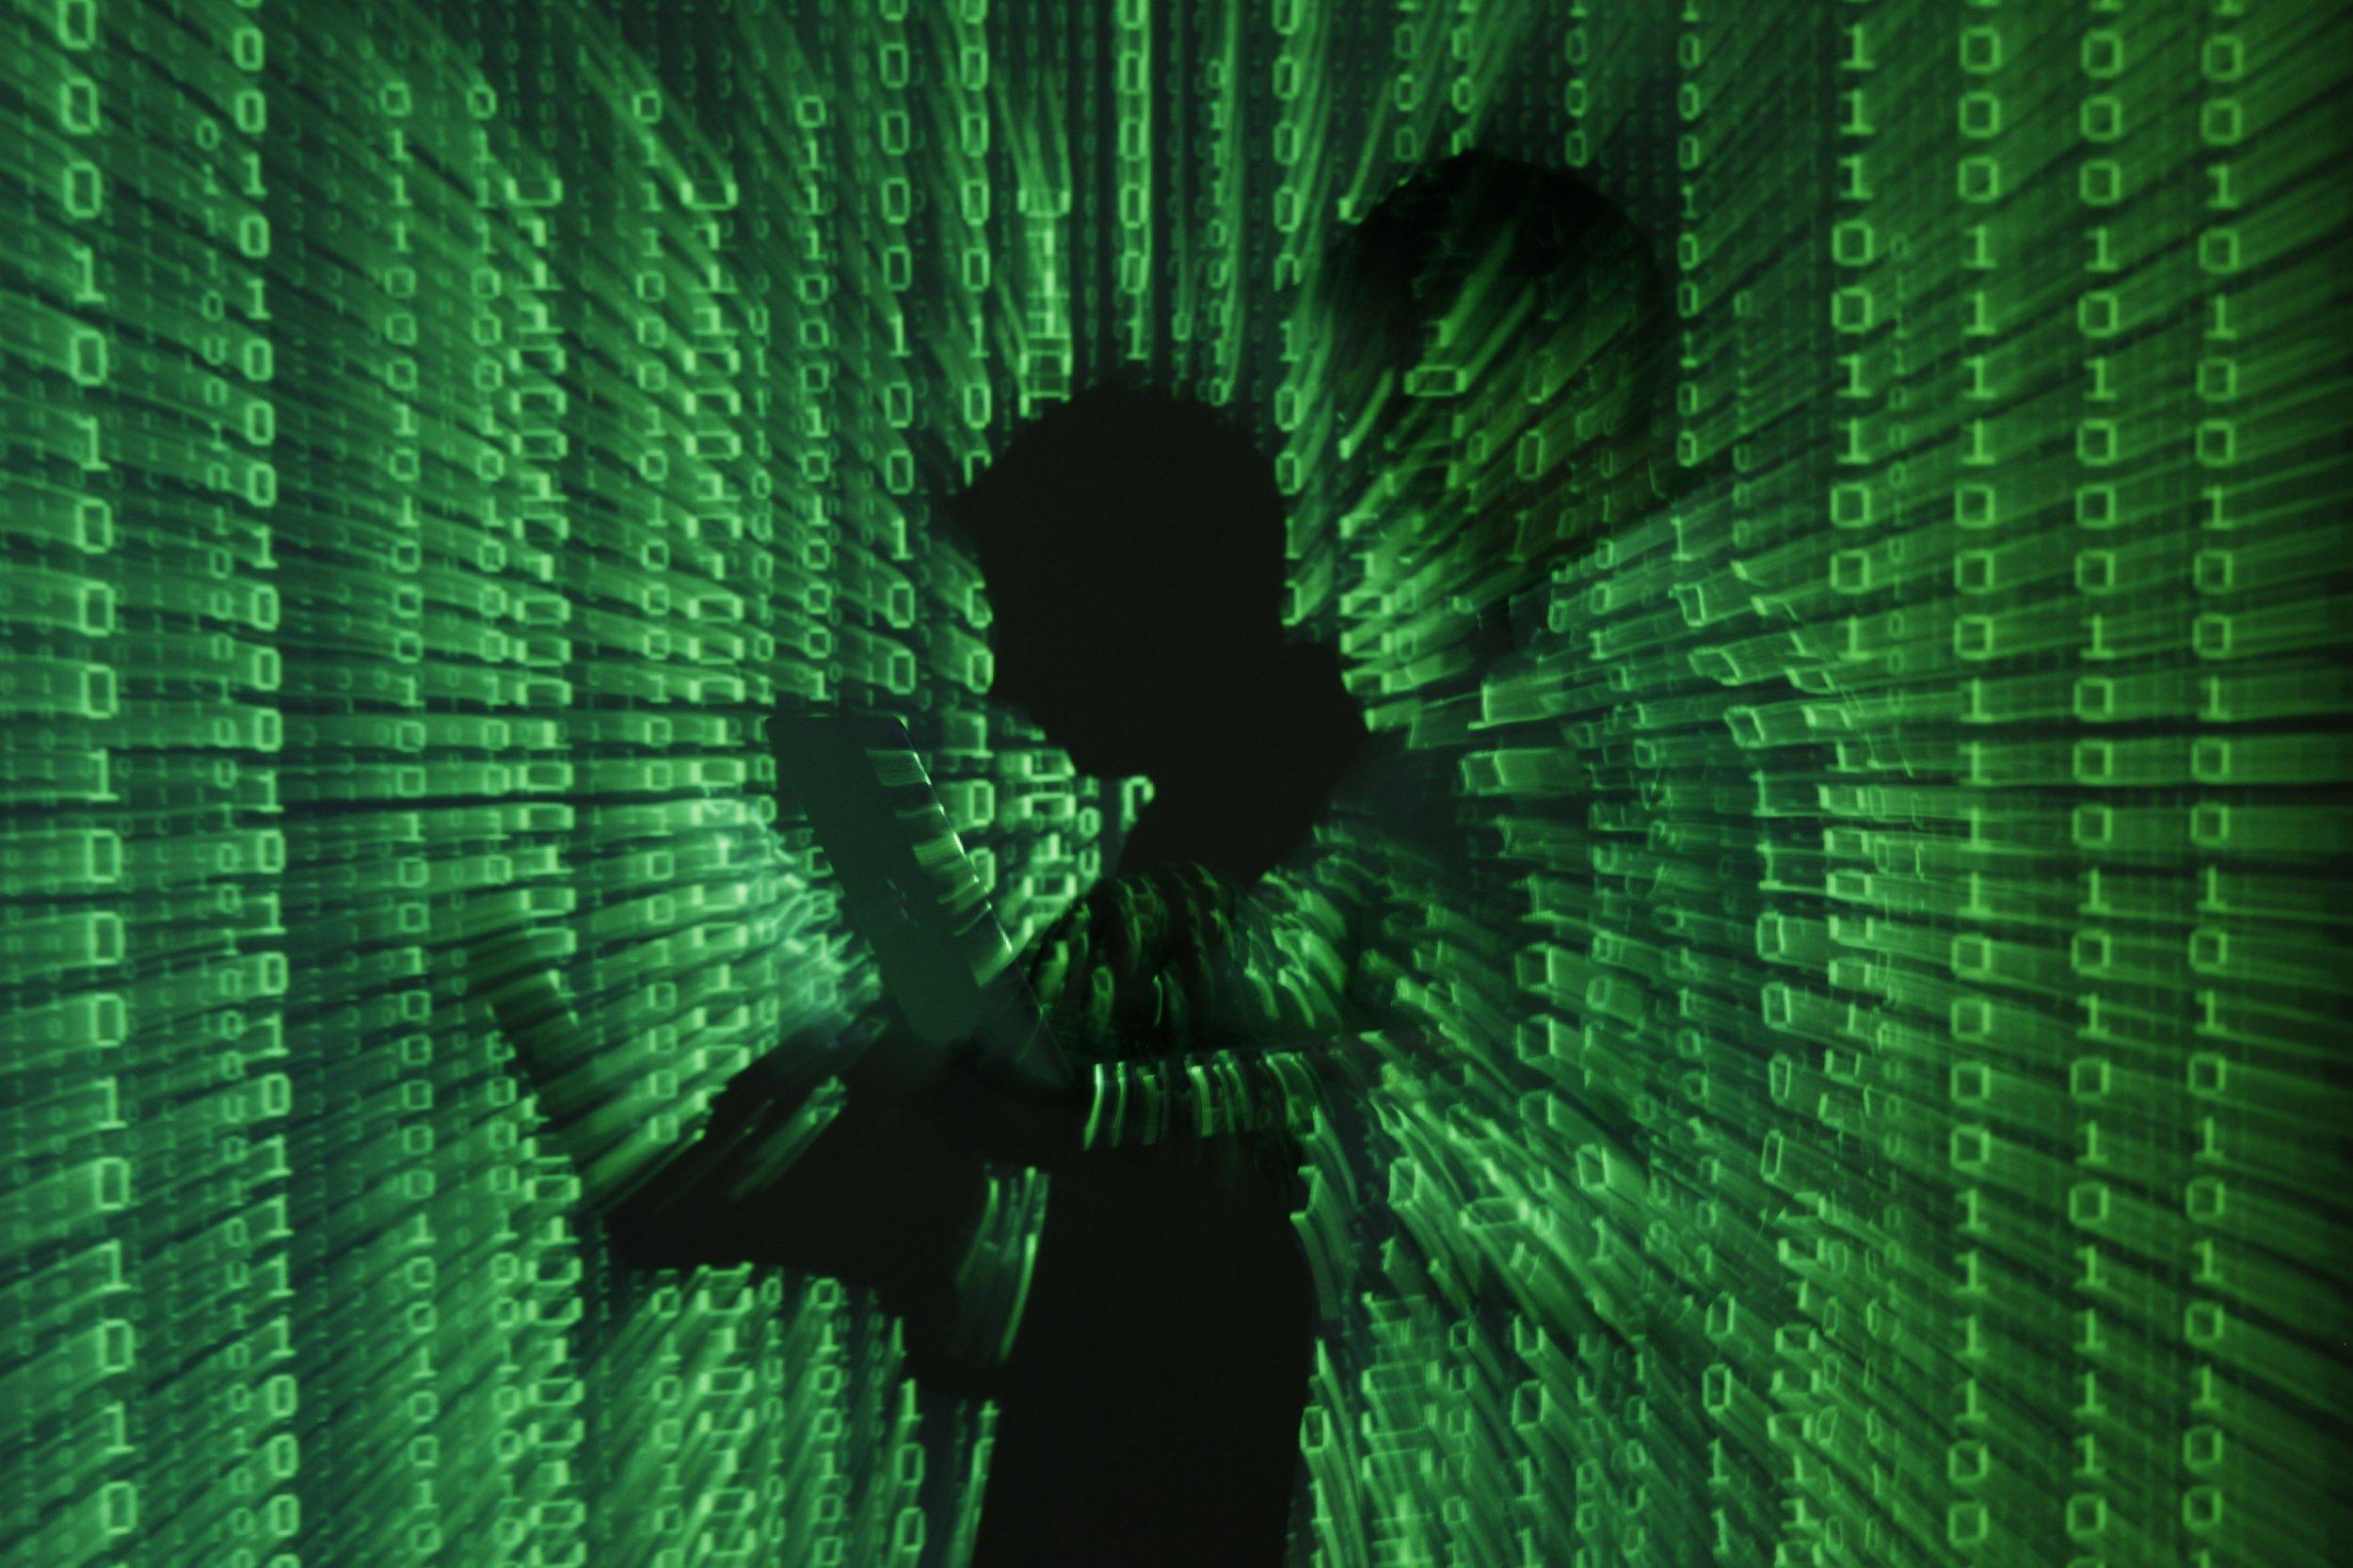 01_02_Hackers